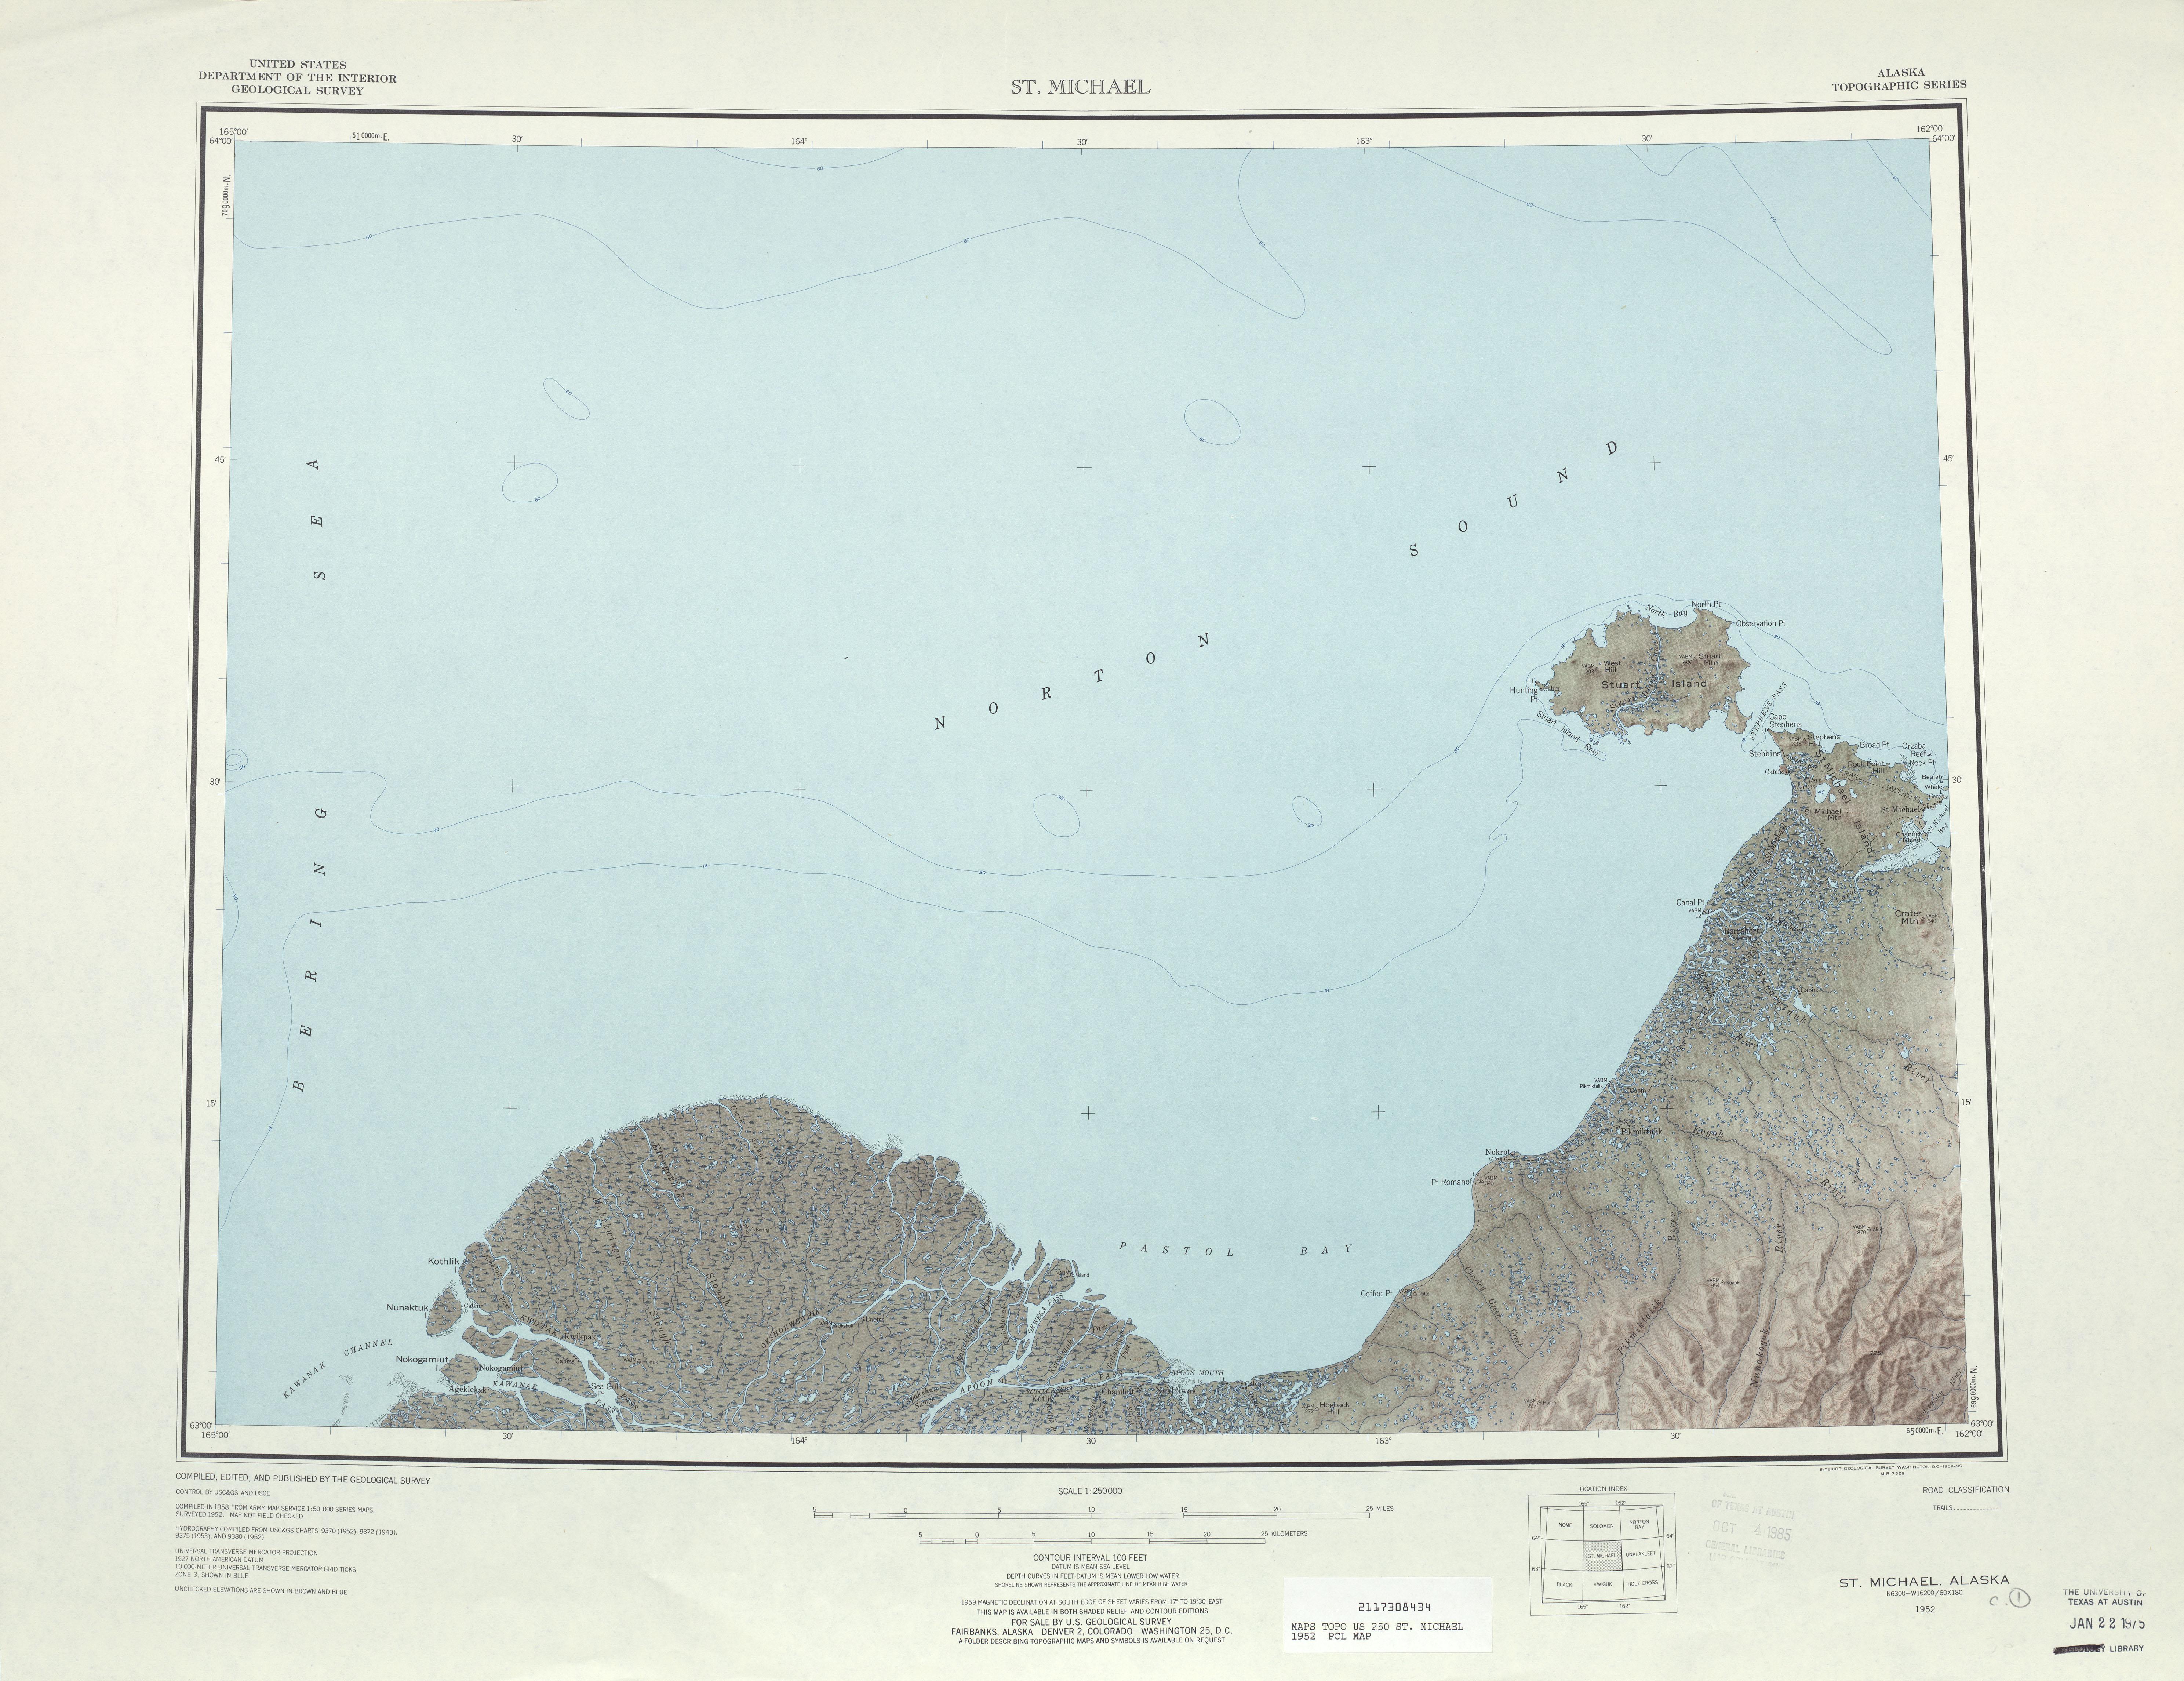 Hoja Saint Michael del Mapa Topográfico de los Estados Unidos 1952